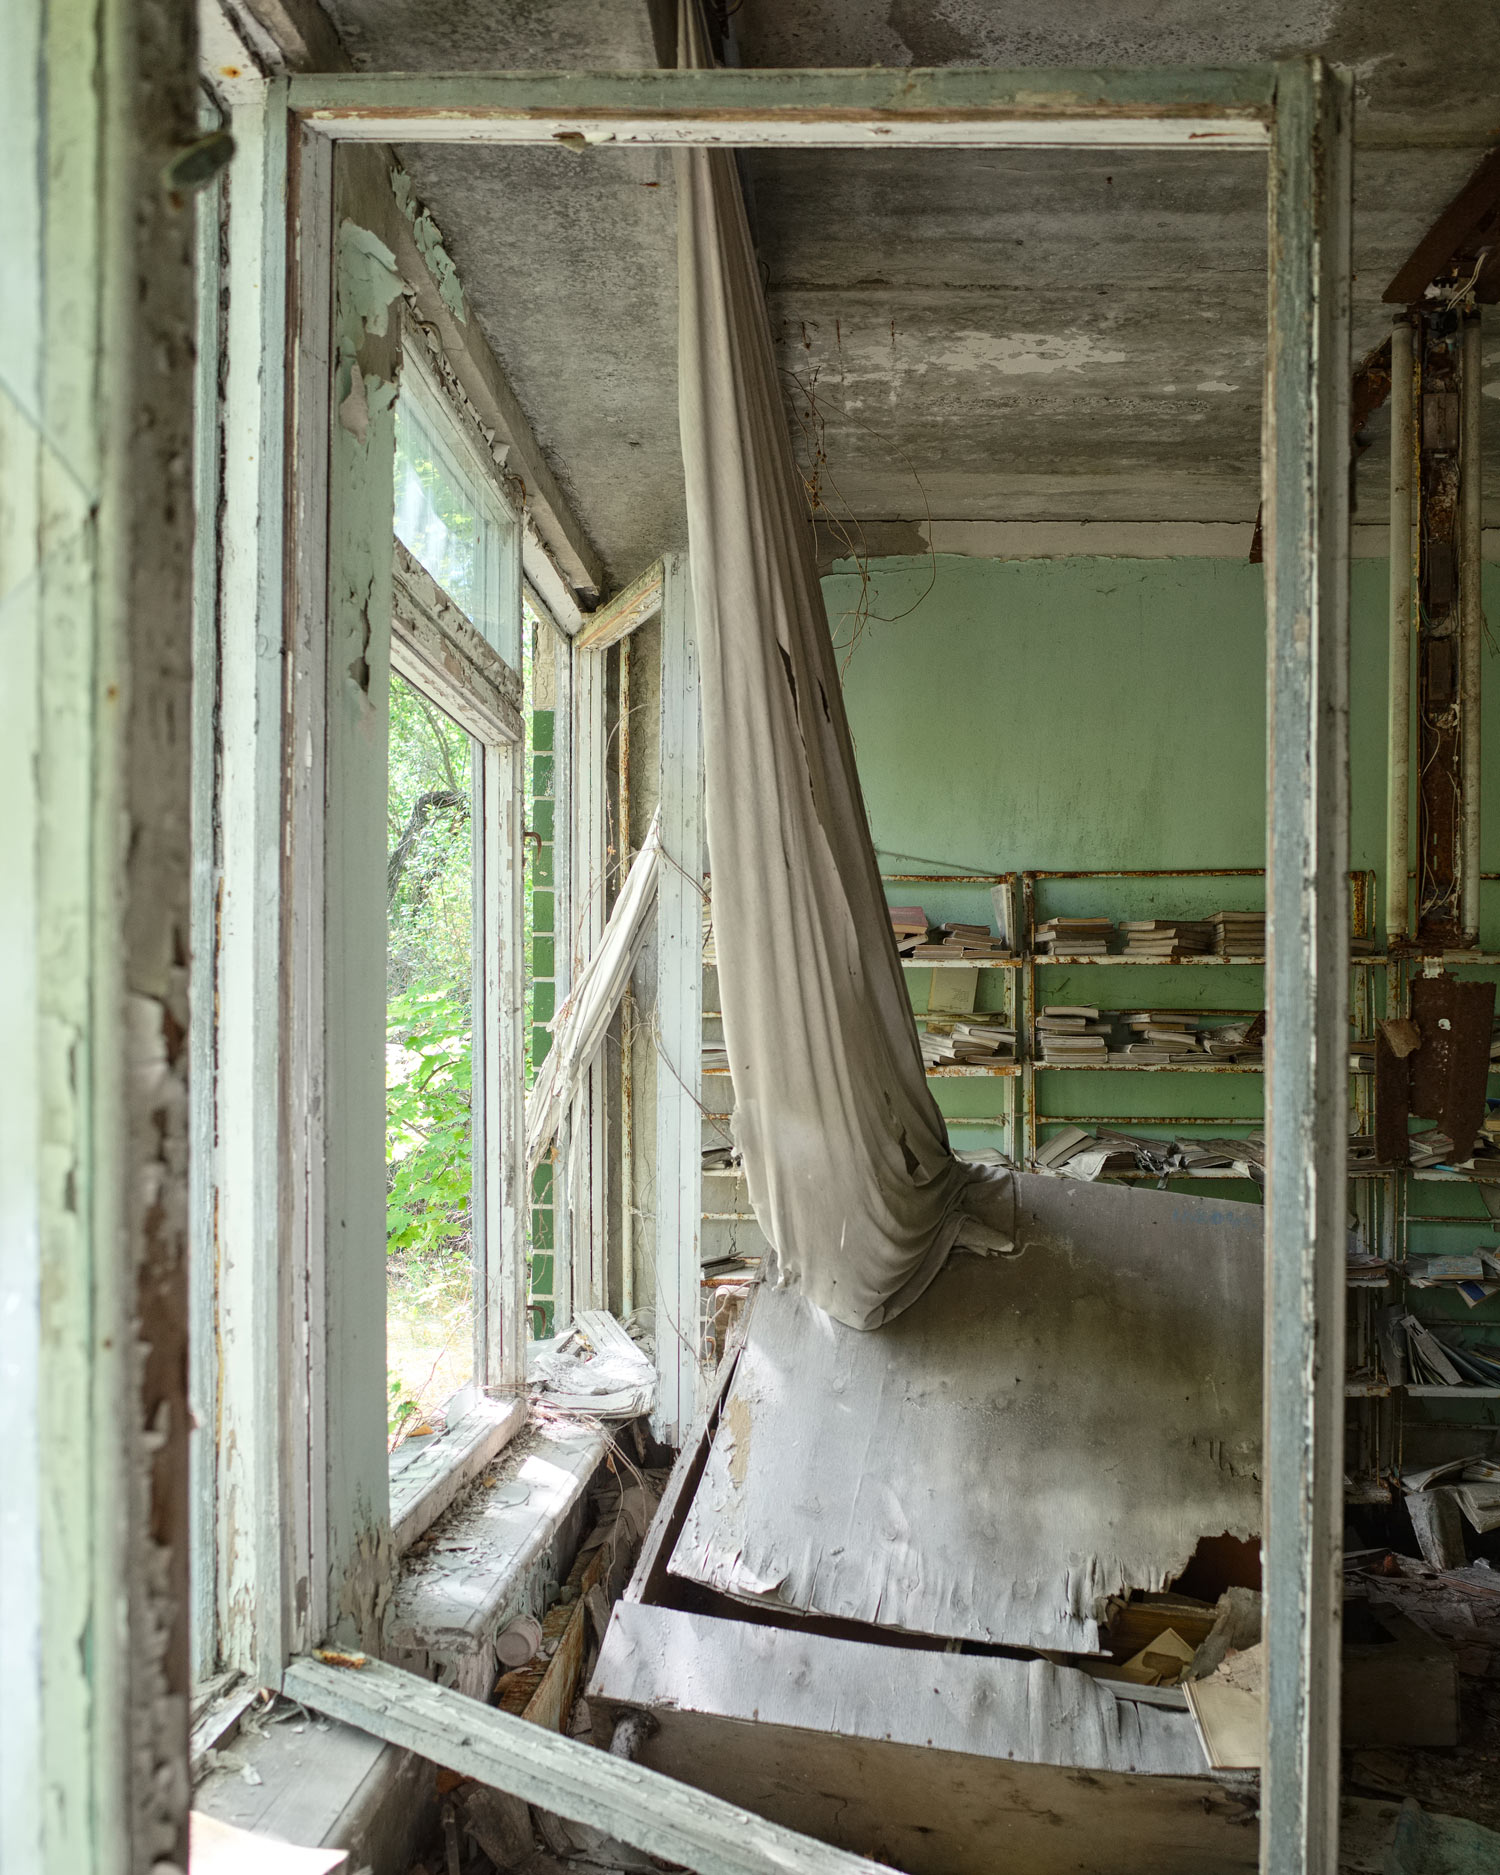 165_chernobyl_SchoolNo2_w.jpg